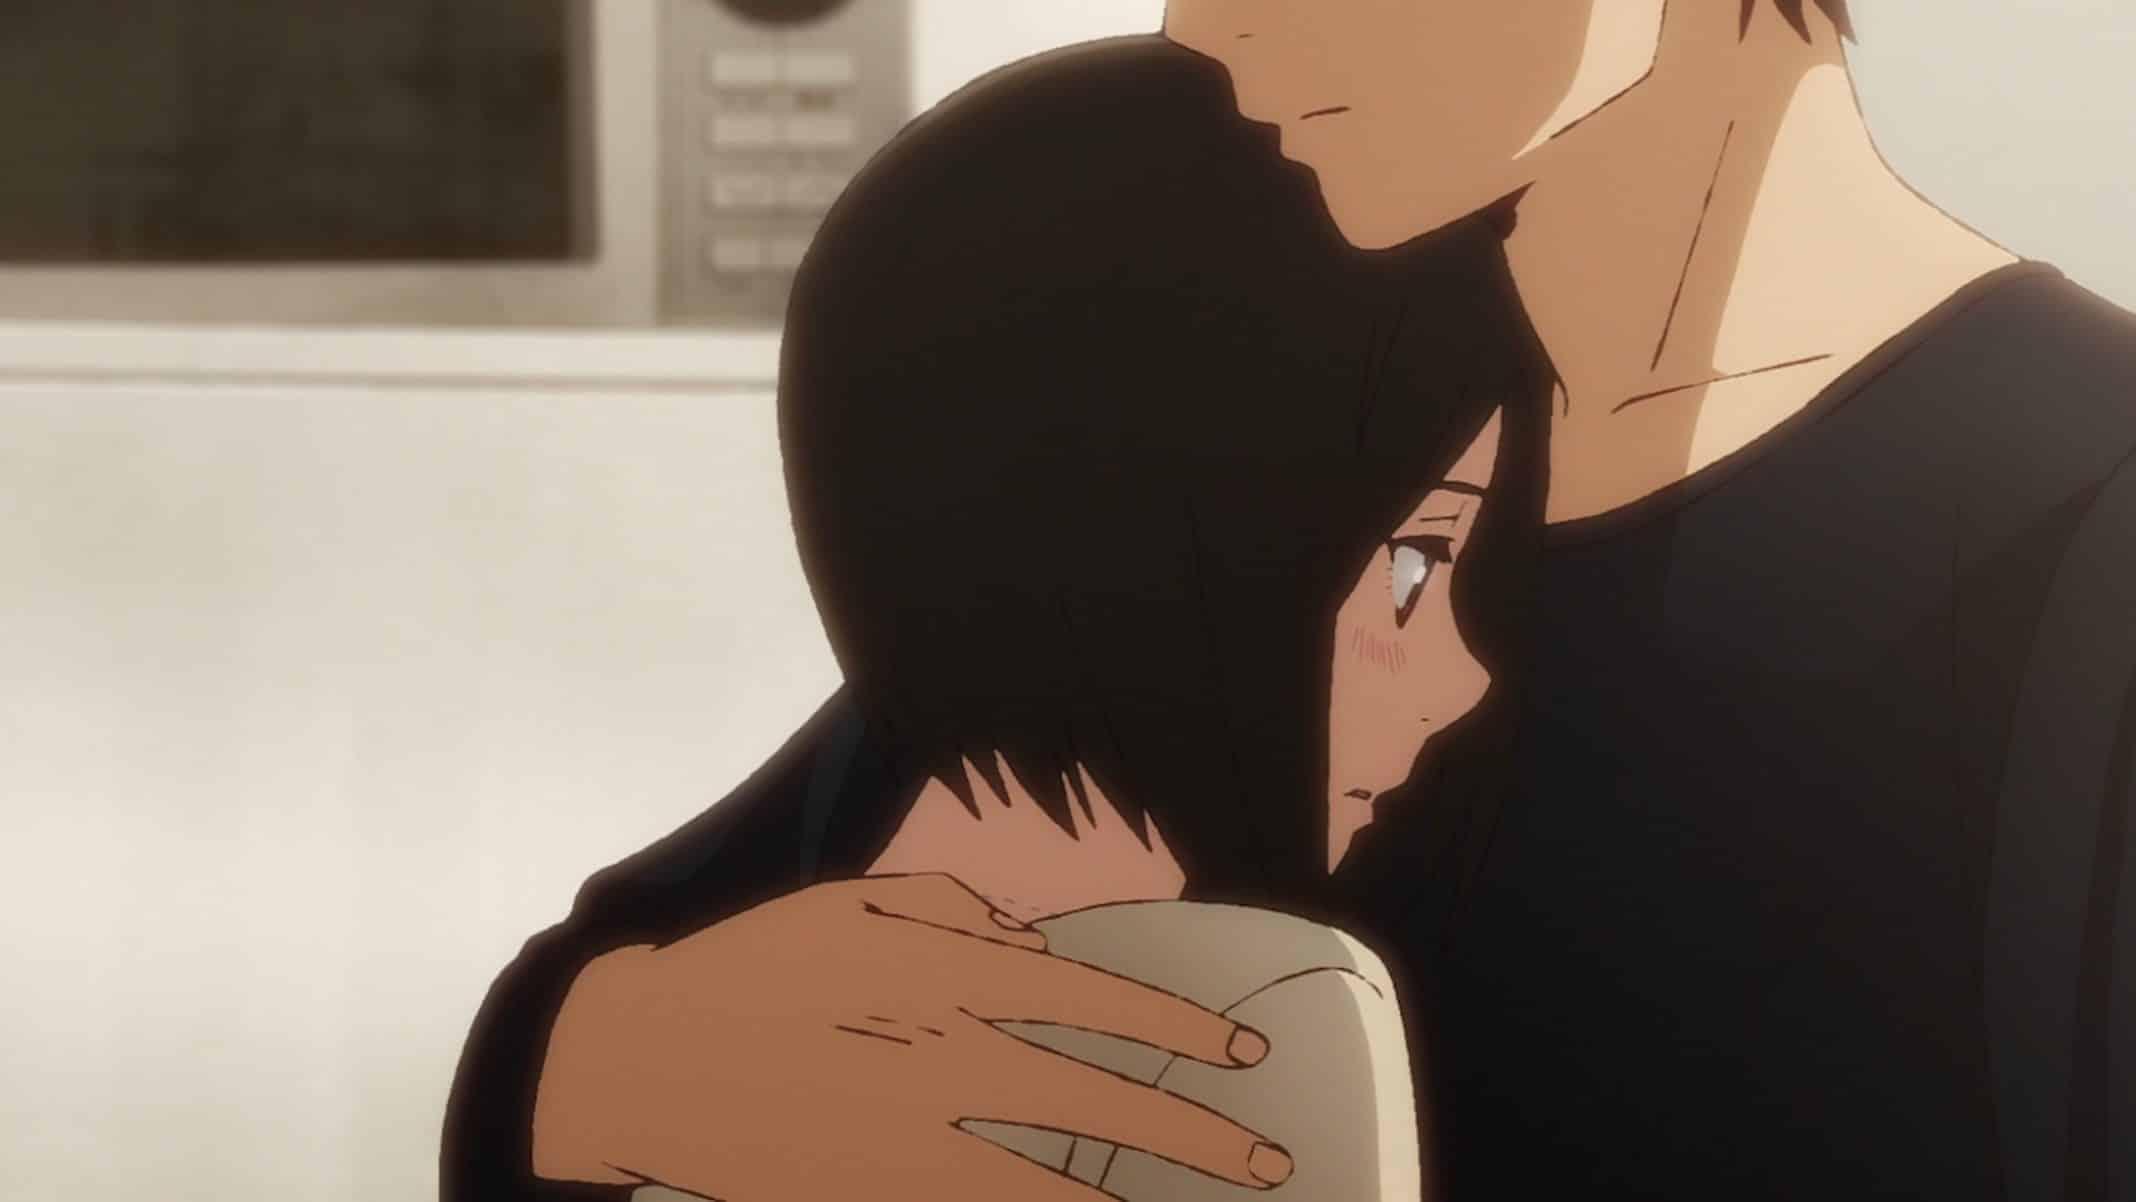 Rikuo holding Shinako.